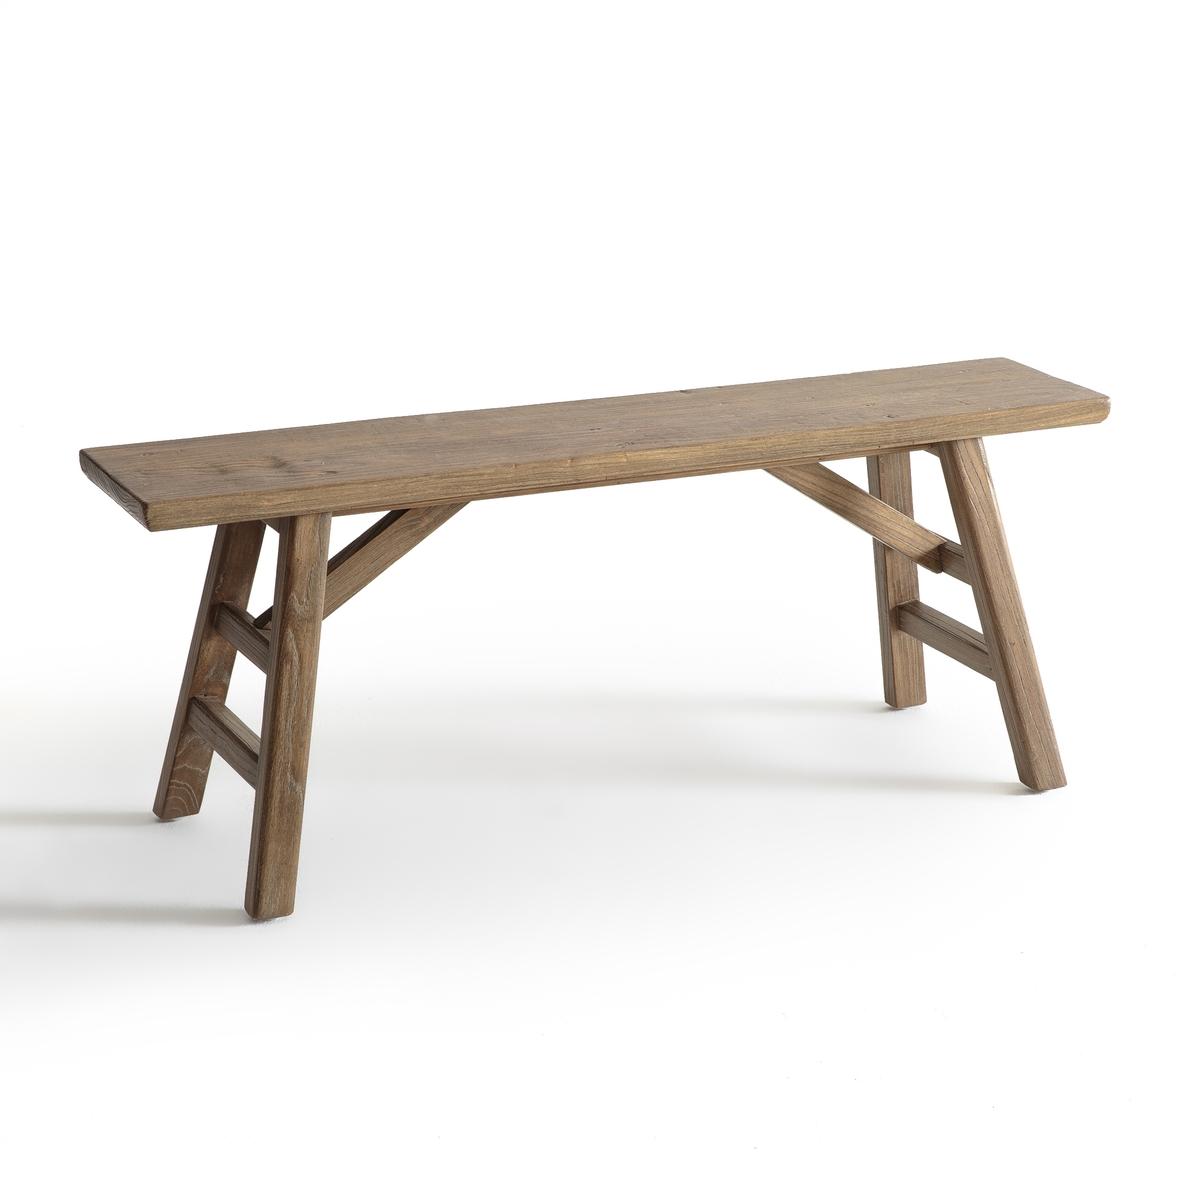 Скамья или прикроватная банкетка, Asayo скамья прикроватная с обивкой nottingham